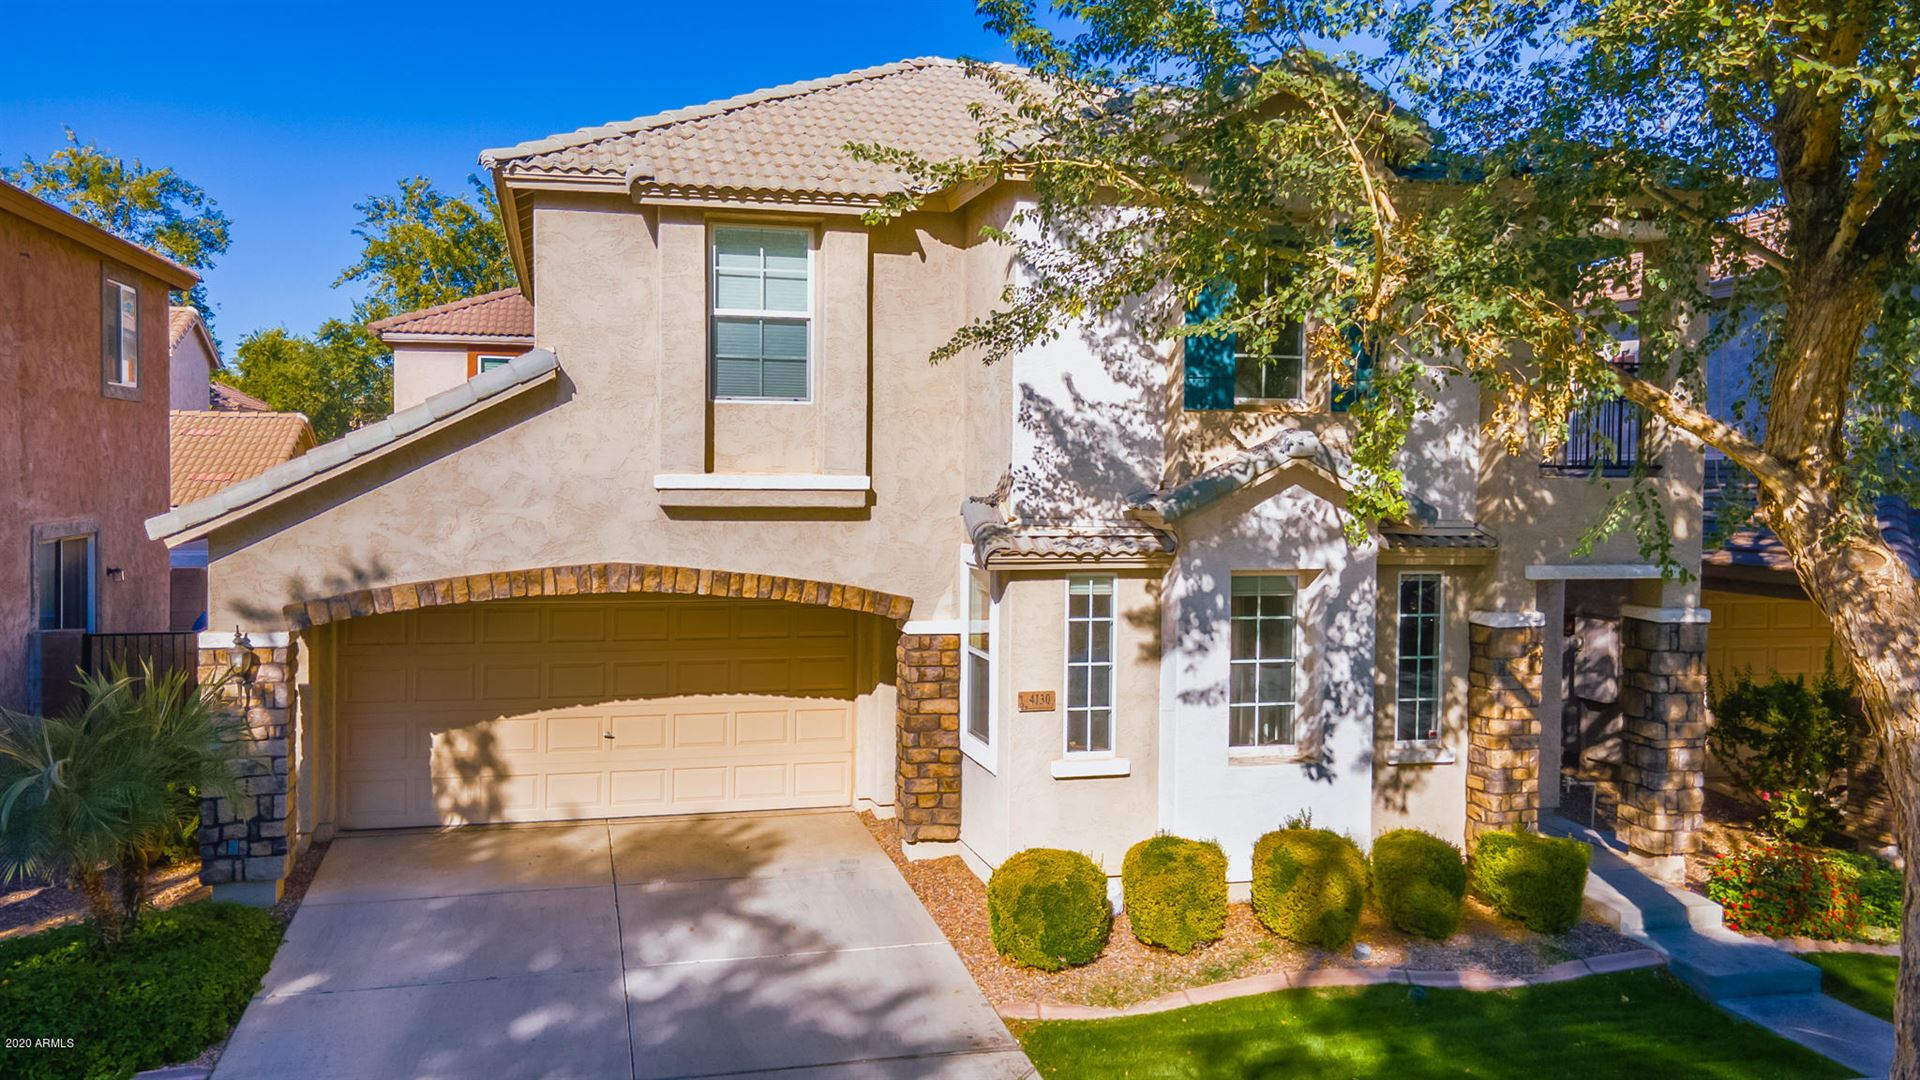 4130 E TYSON Street, Gilbert, AZ 85295 - MLS#: 6167750